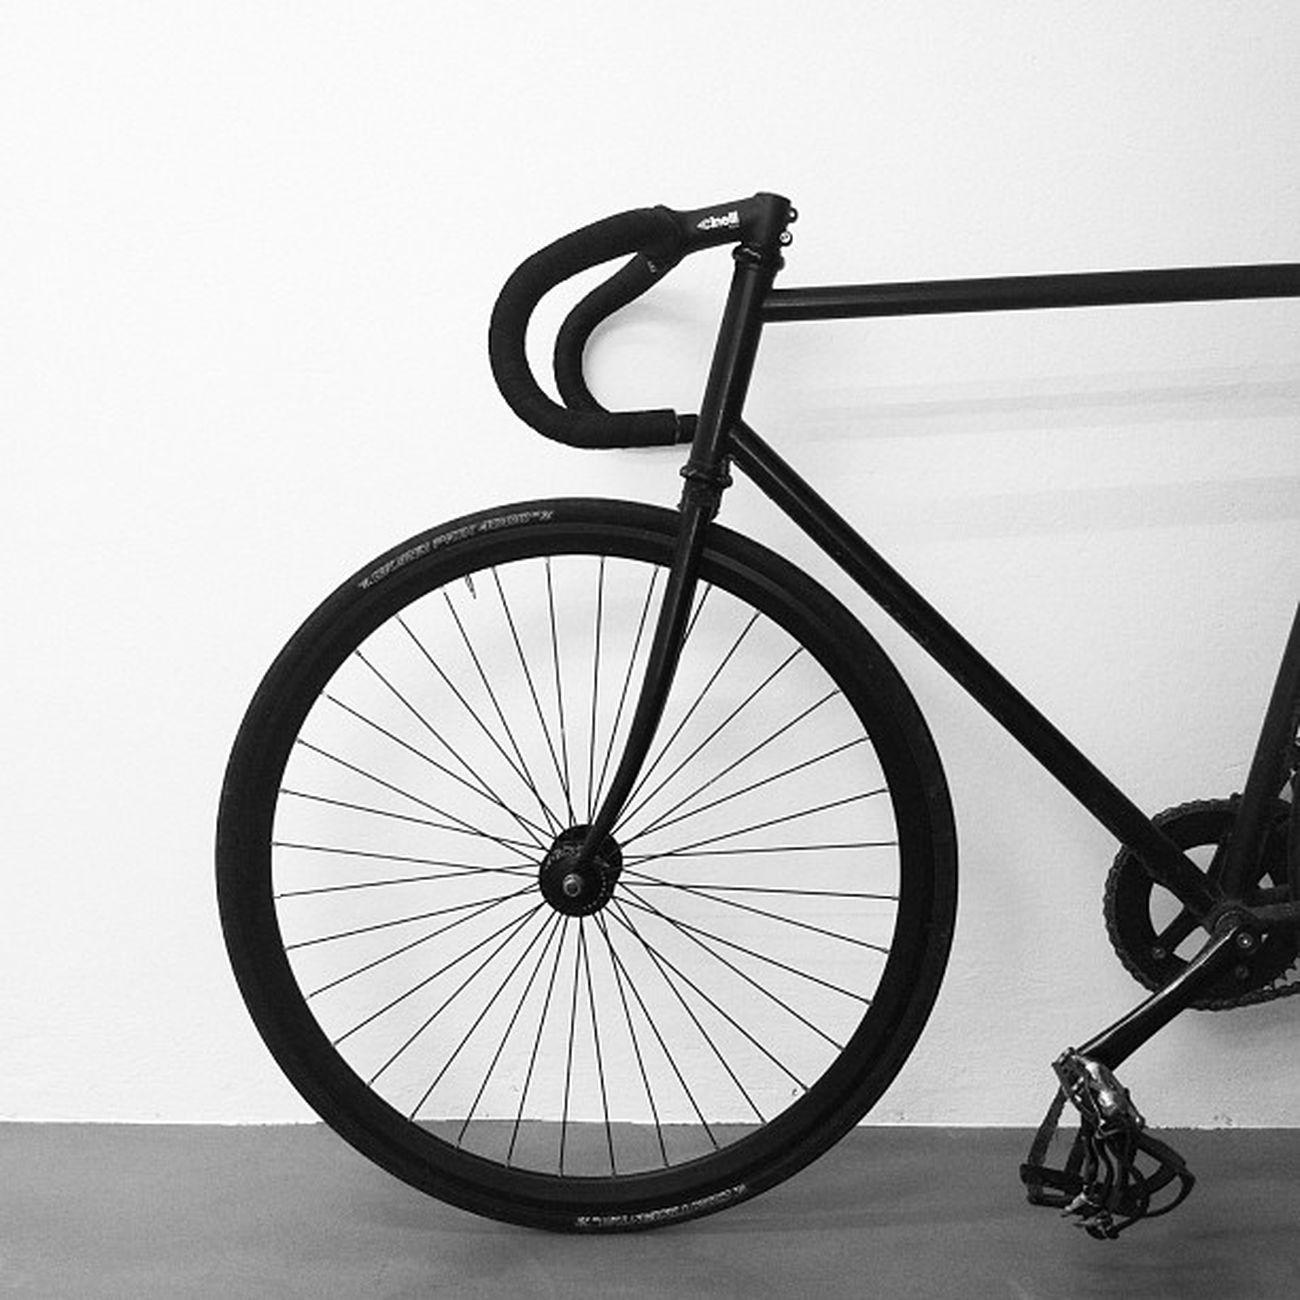 Bike Ride Newtendency Enno